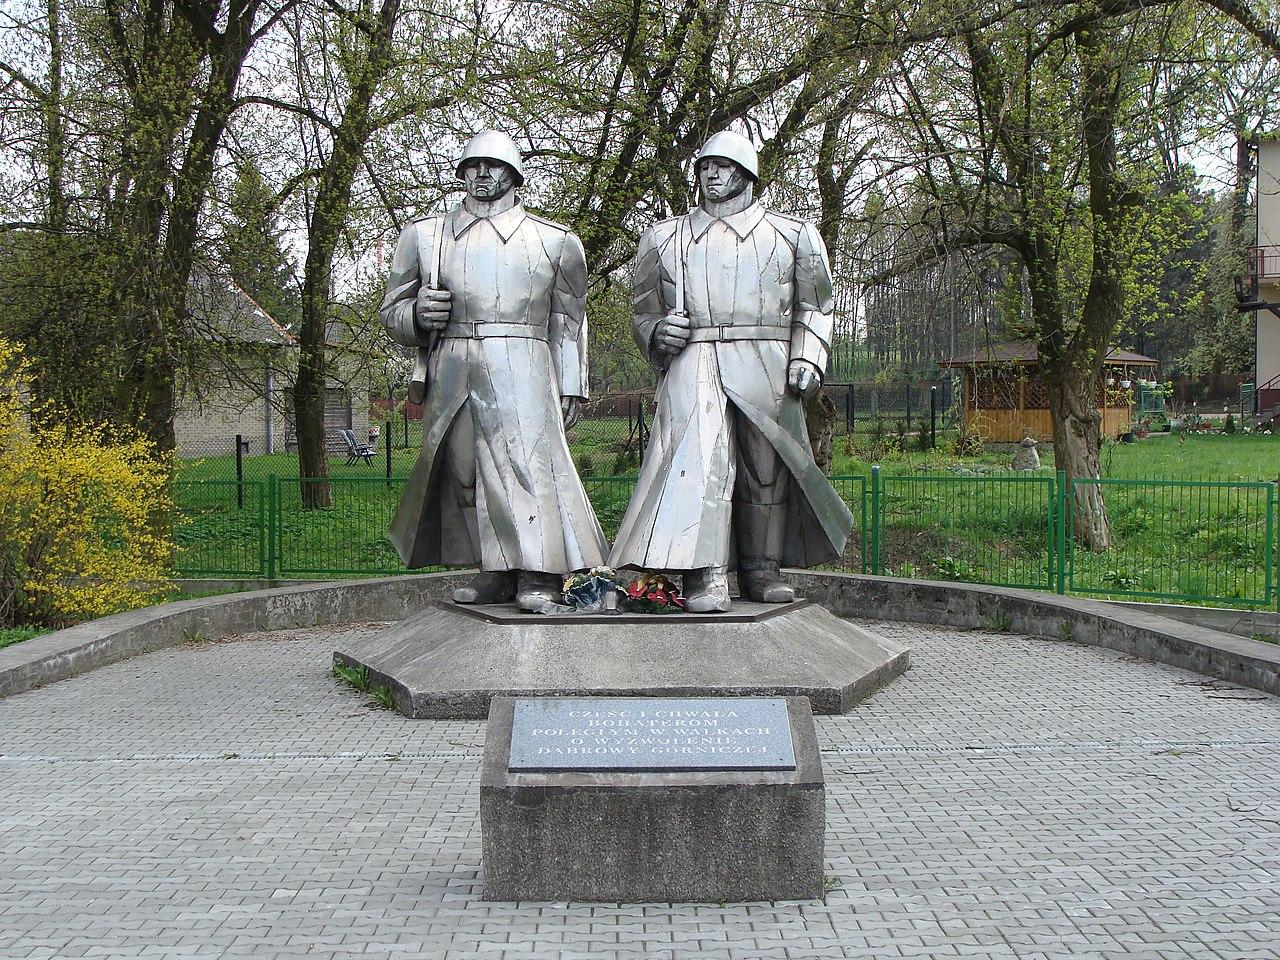 Pomnik Wdzięczności Armii Czerwonej w Dąbrowie Górniczej (Łosień)